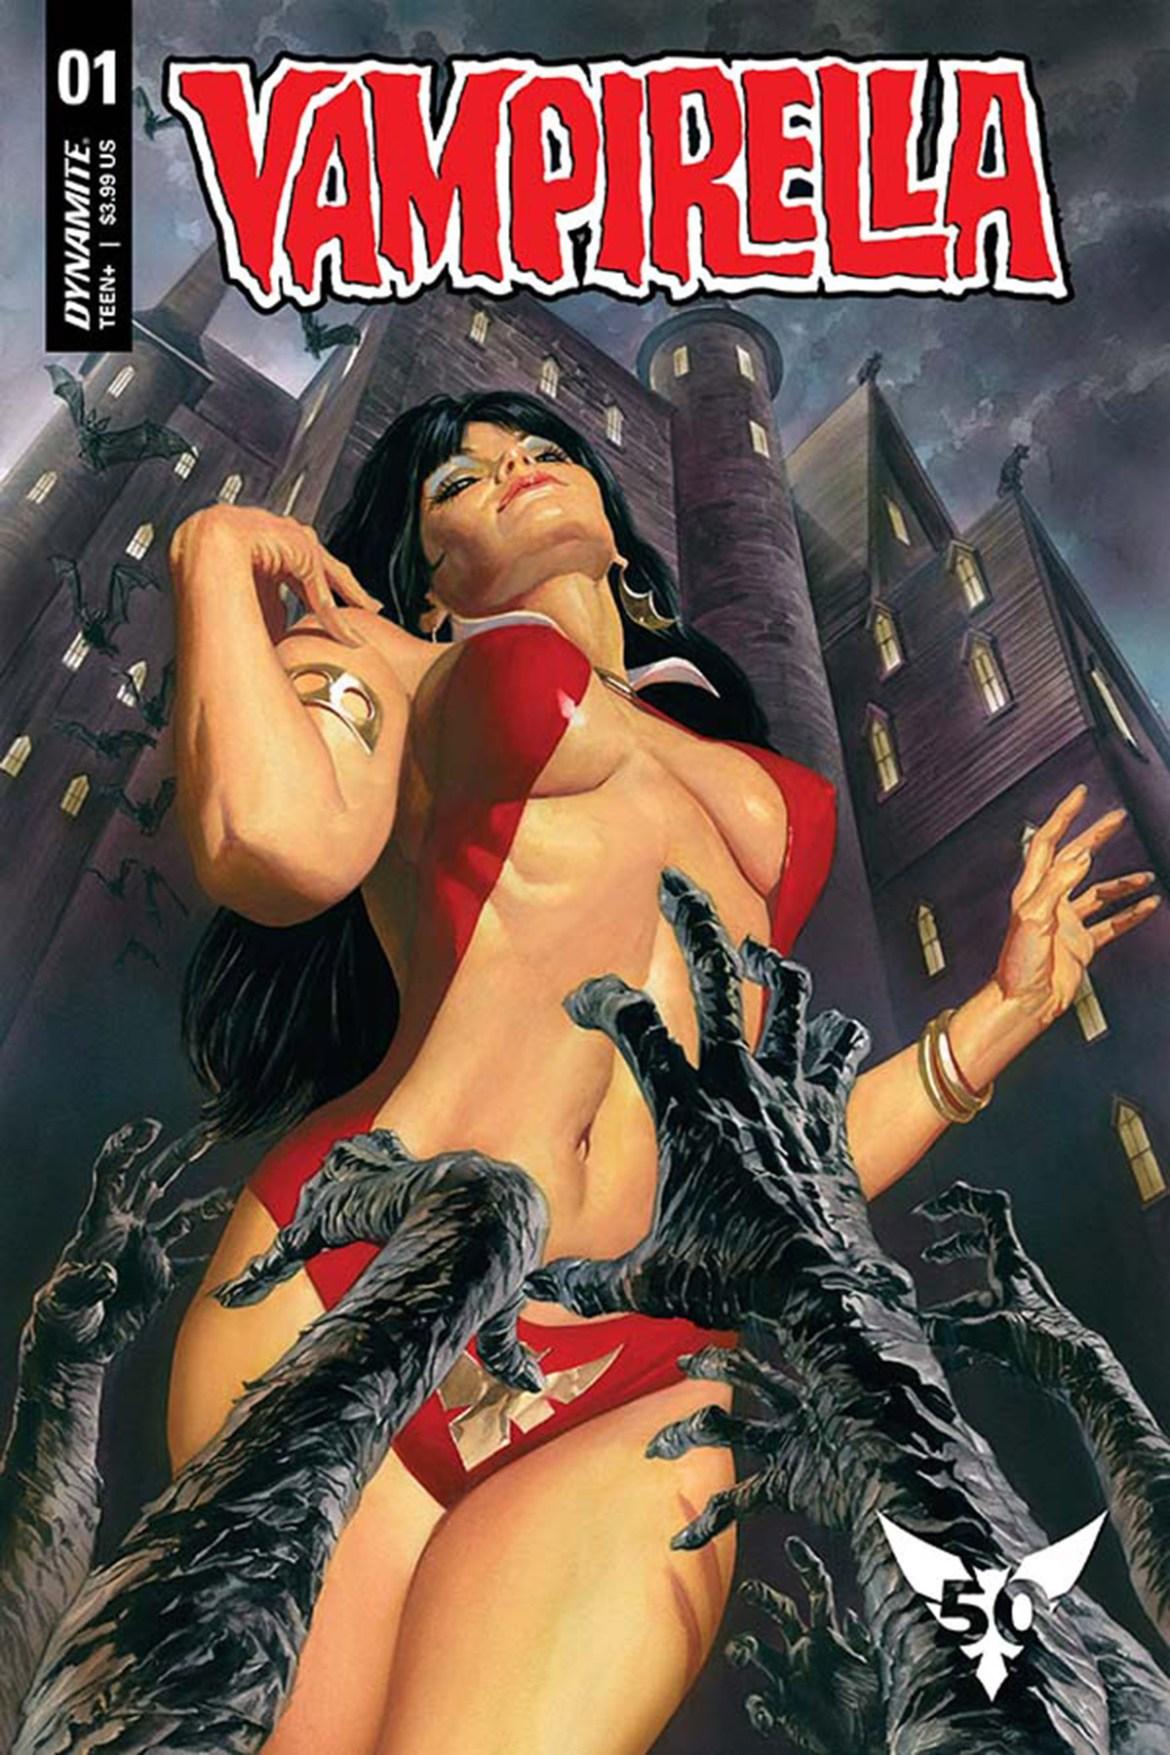 FCBD21_SILVER_Dynamite_Vampirella Complete Free Comic Book Day 2021 comic book line-up announced